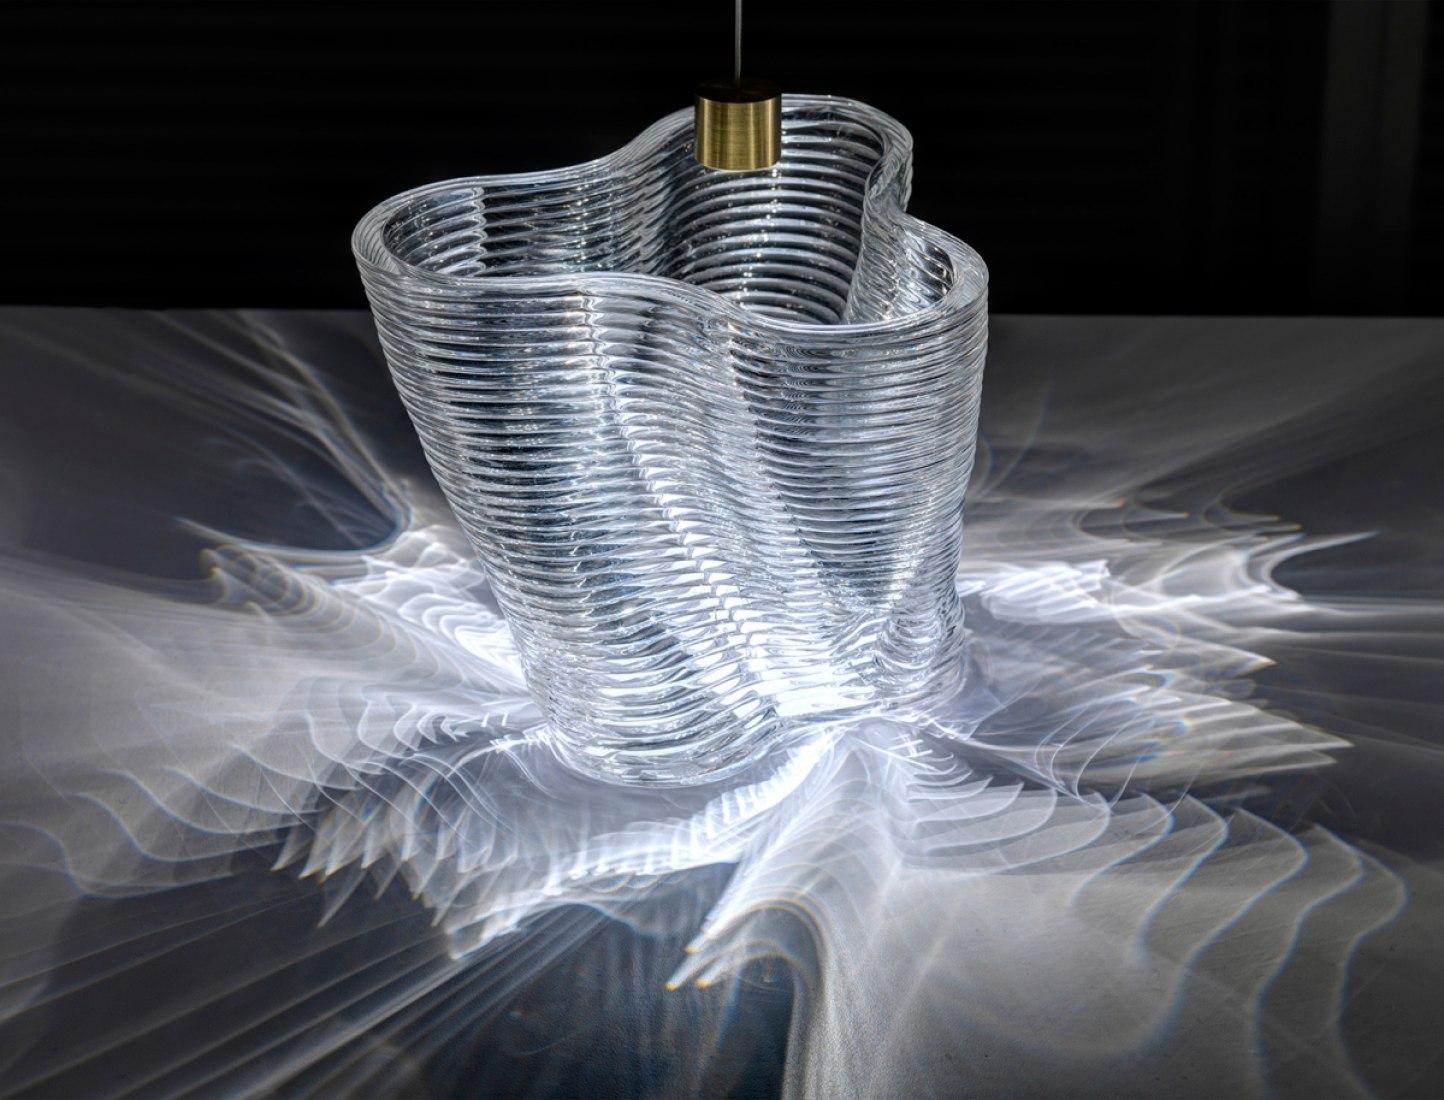 Patrones cáusticos de una estructura de vidrio impresa en 3D. Fotografía © Chikara Inamura.